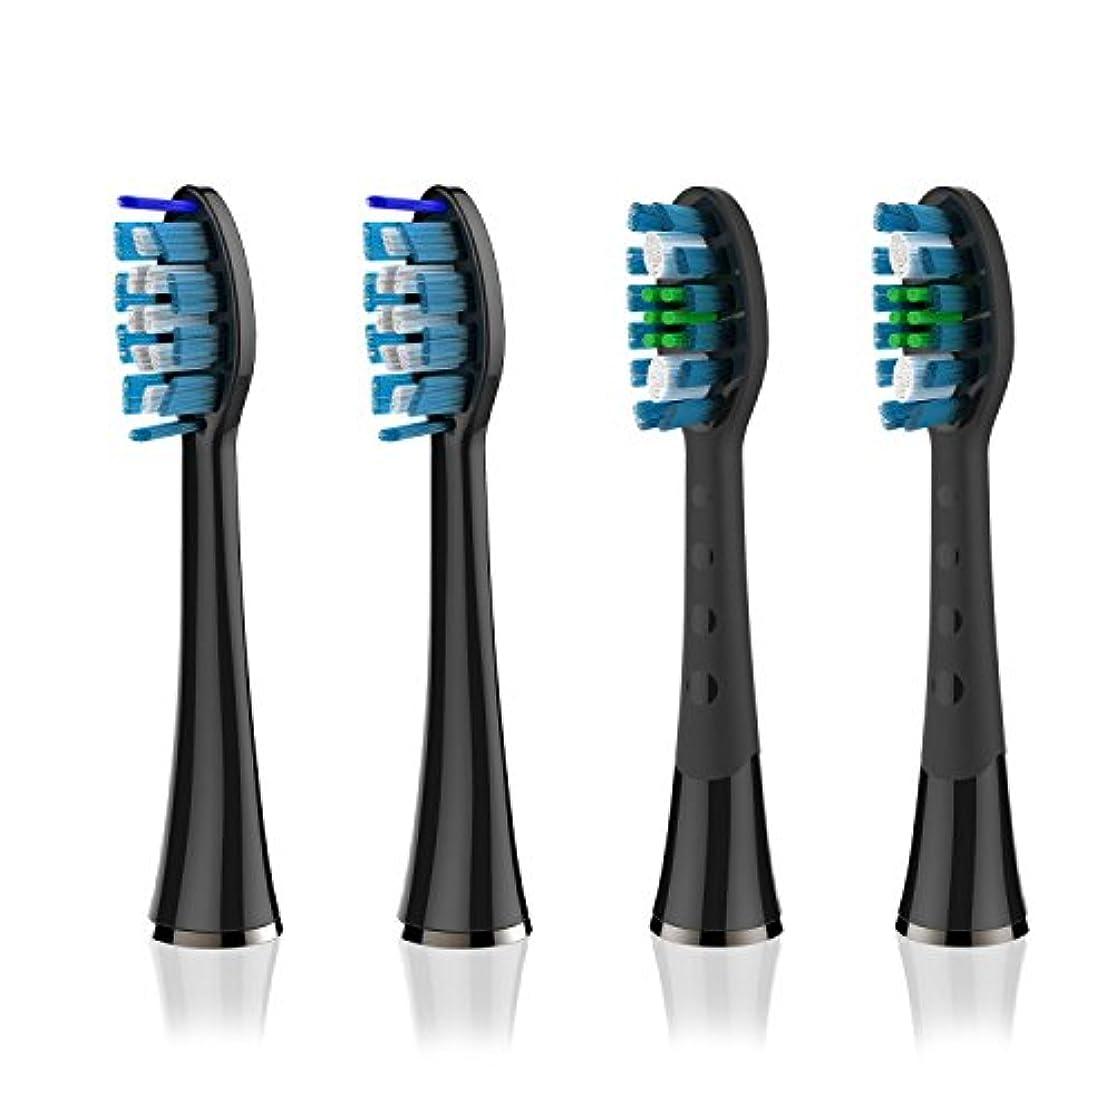 租界パウダー拳Soincool 電動歯ブラシ用 替えブラシ 2*ディープクリーング 2*舌ブラシ 4本組 黒 (ブラック-4)